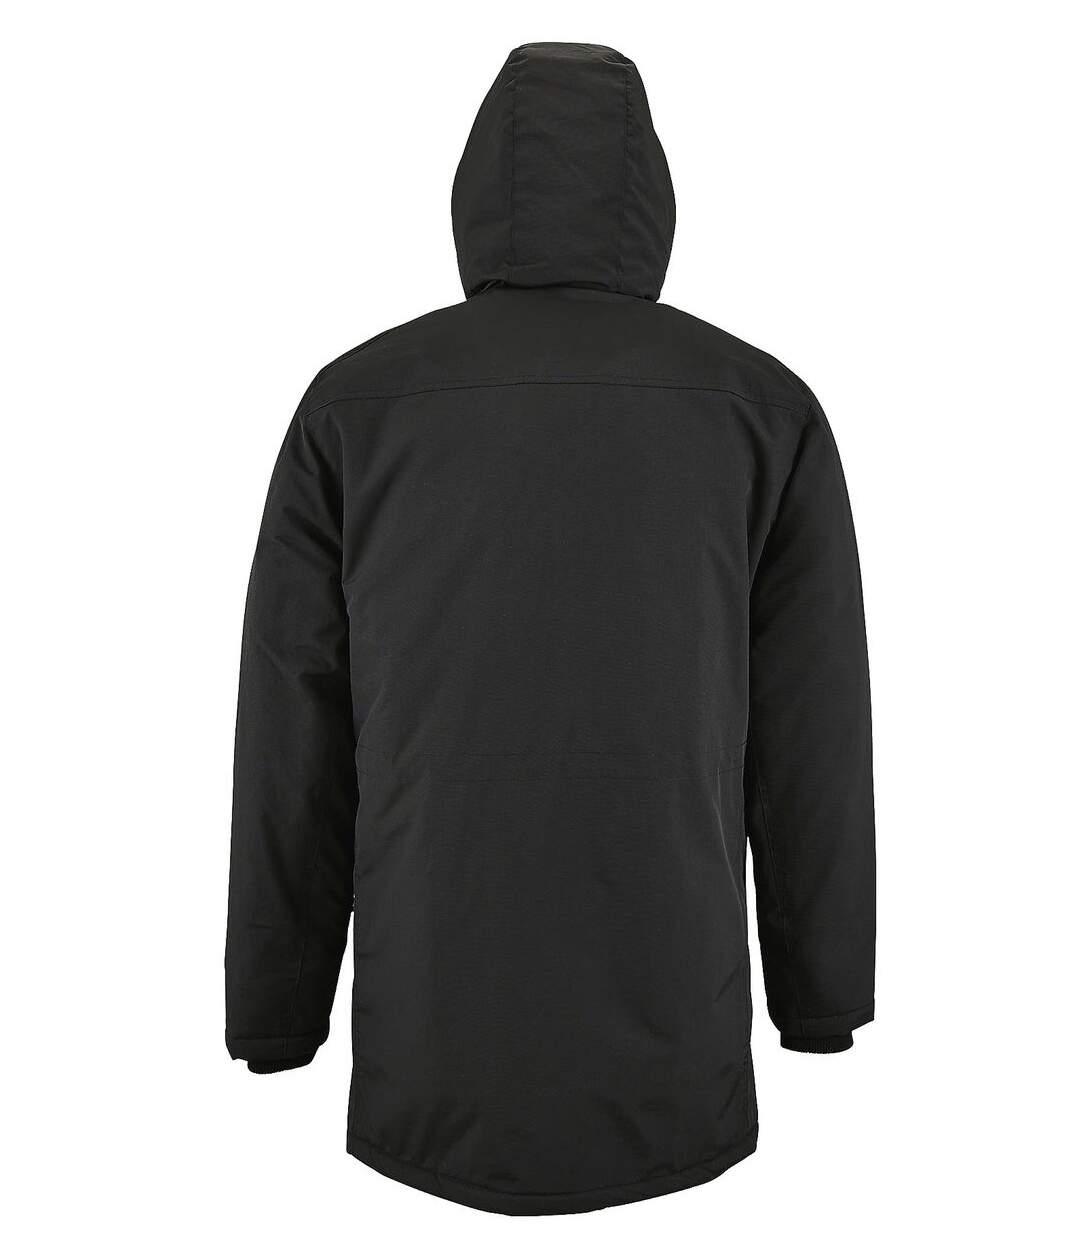 Parka à capuche imperméable homme - 02105 - noir